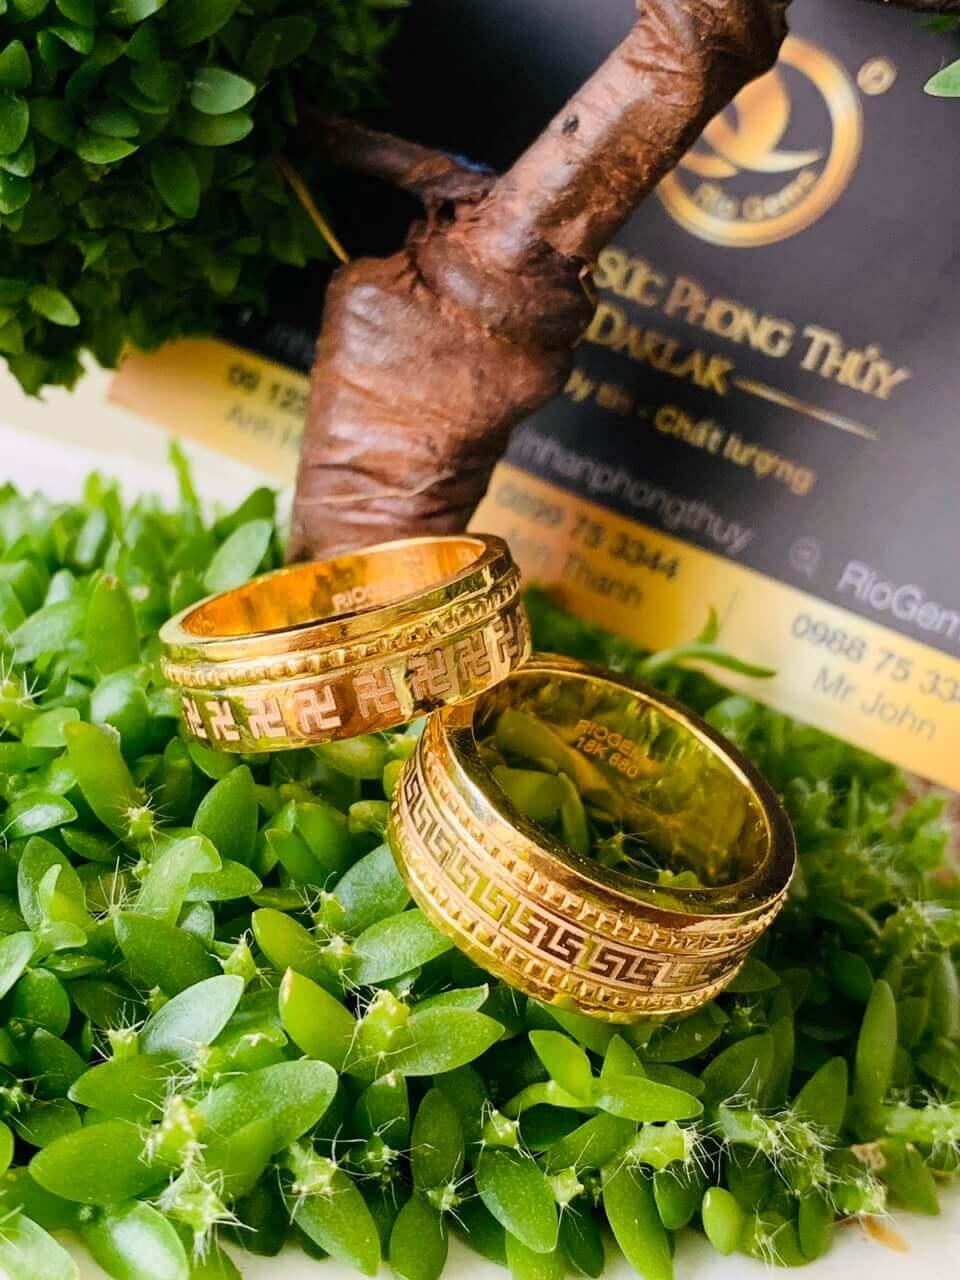 Cặp nhẫn hoa văn chữ VẠN 1 viền xoắn RIOGEMs đẹp bằng vàng